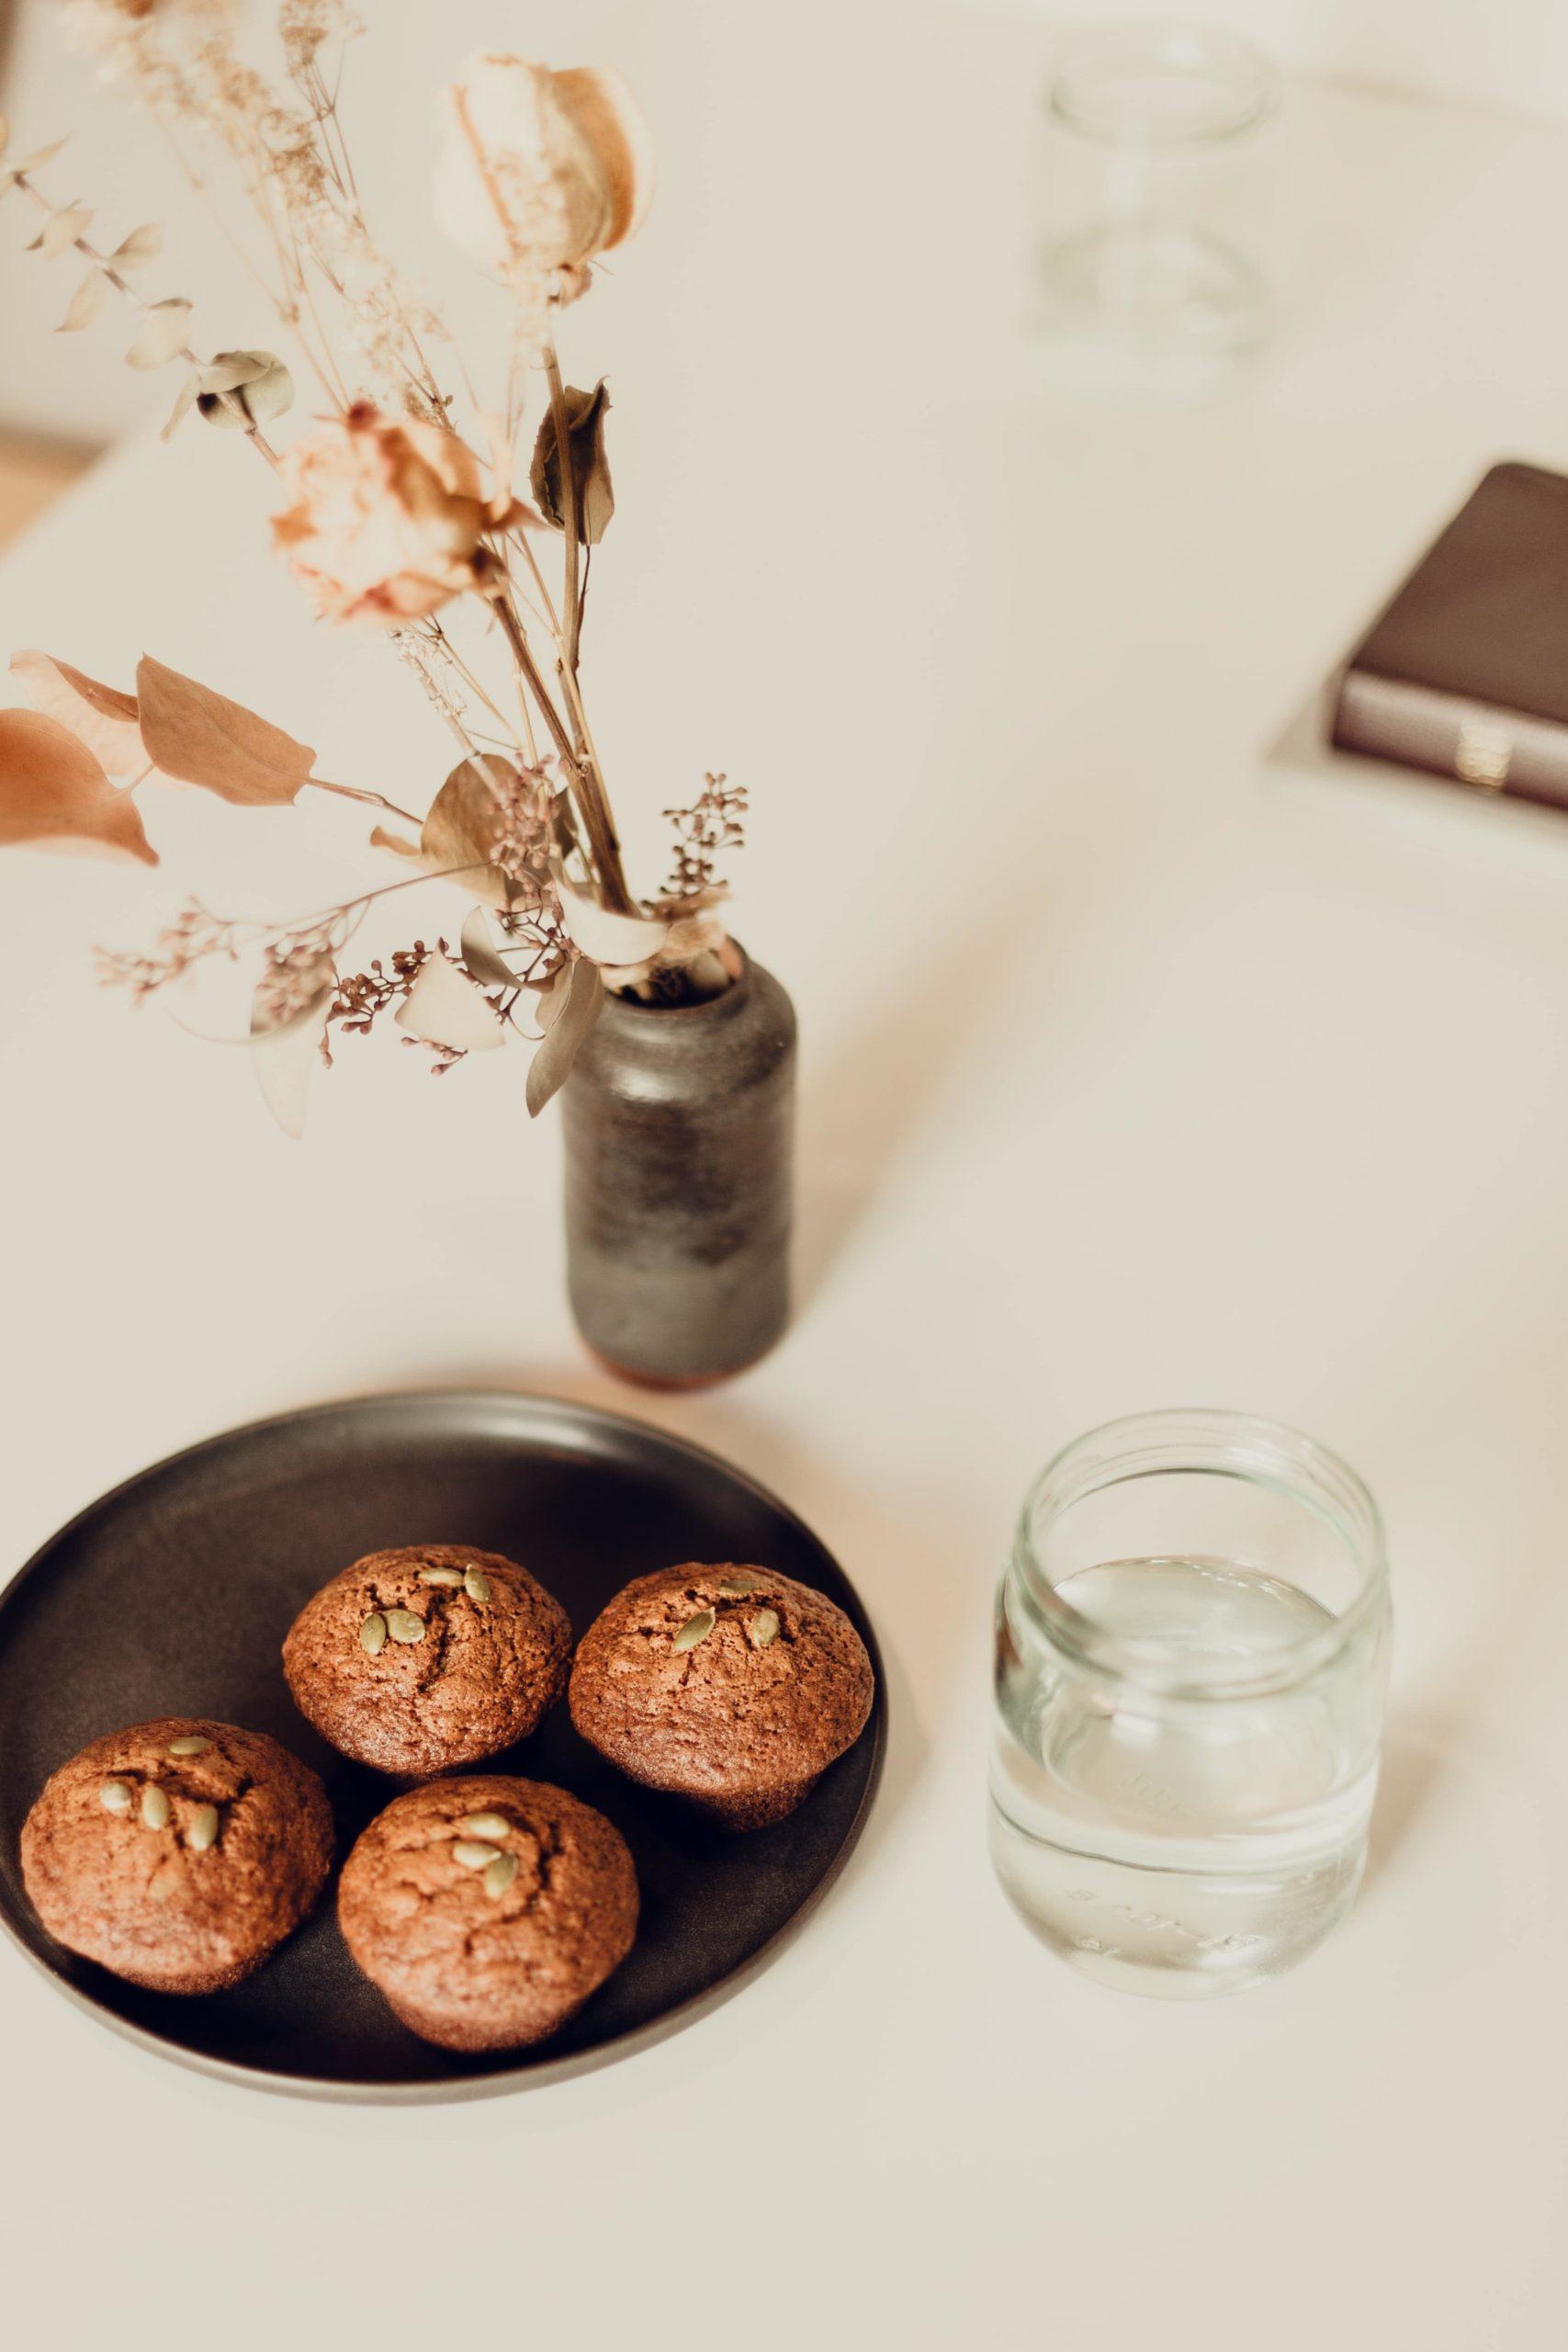 Owsiane babeczki na czarnym talerzu obok szklanki oraz wazonu z suszoną kompozycją